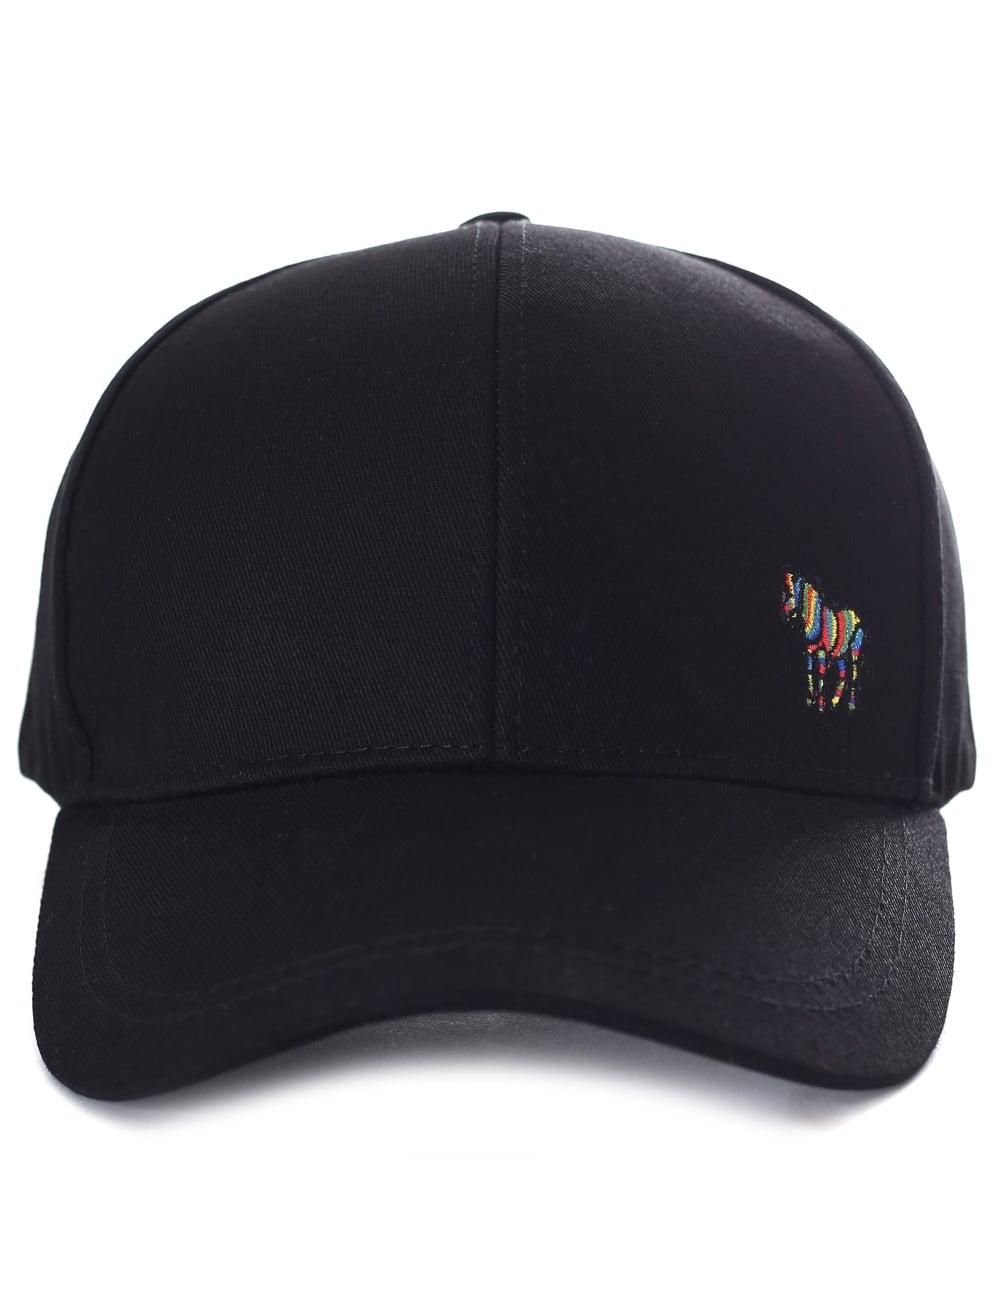 Paul Smith Zebra Logo Men s Baseball Cap Black 9961d9e063d